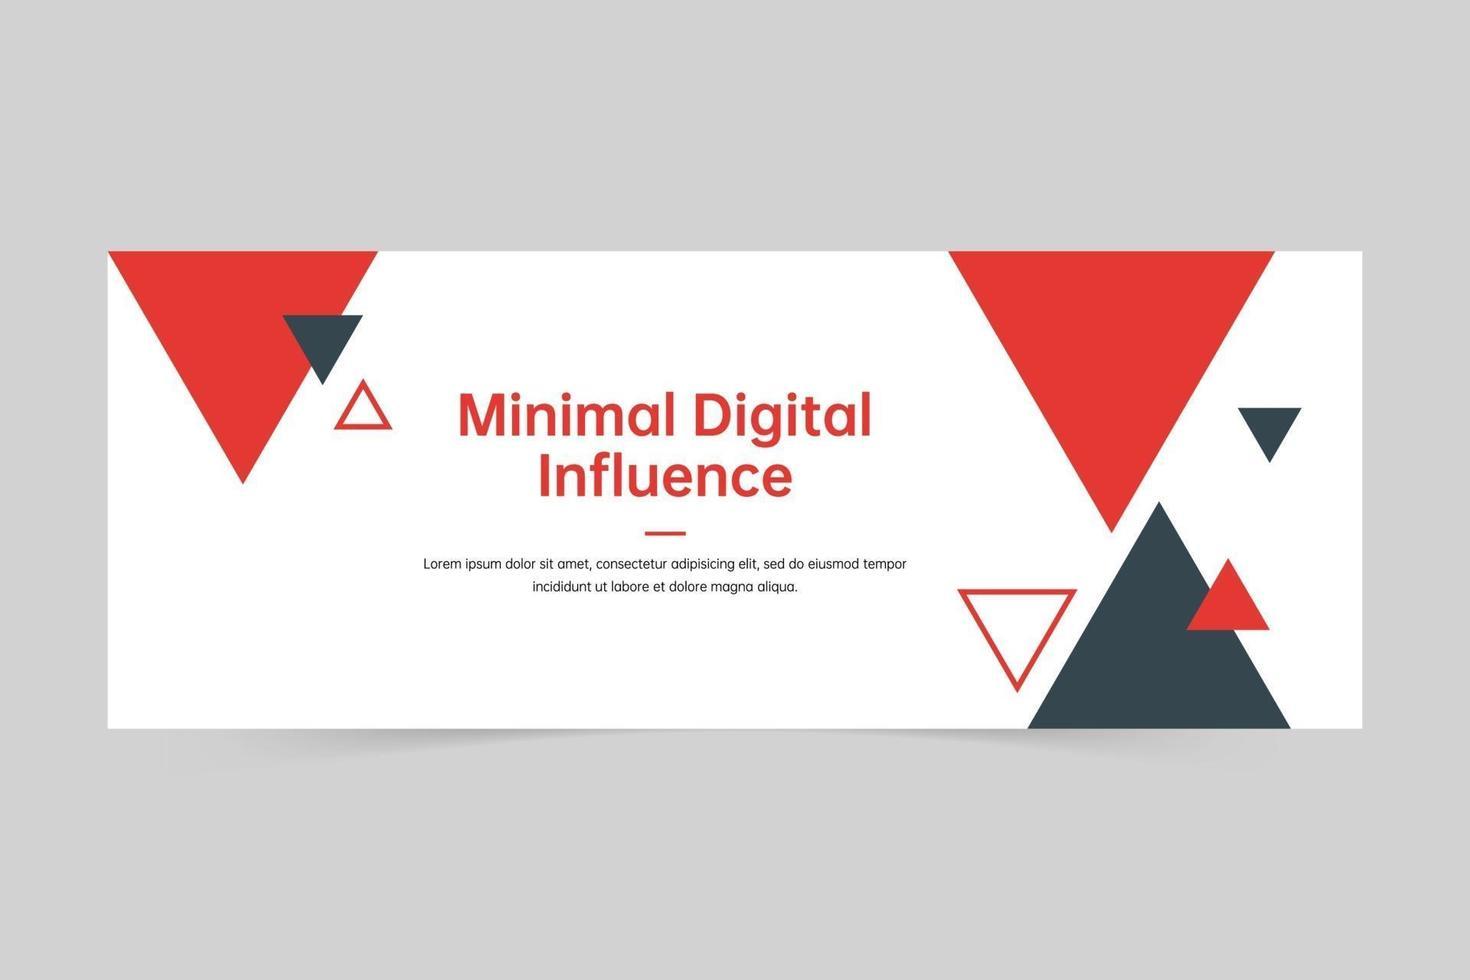 kreativ triangel professionell digital marknadsföringsbyrå banner mall vektor